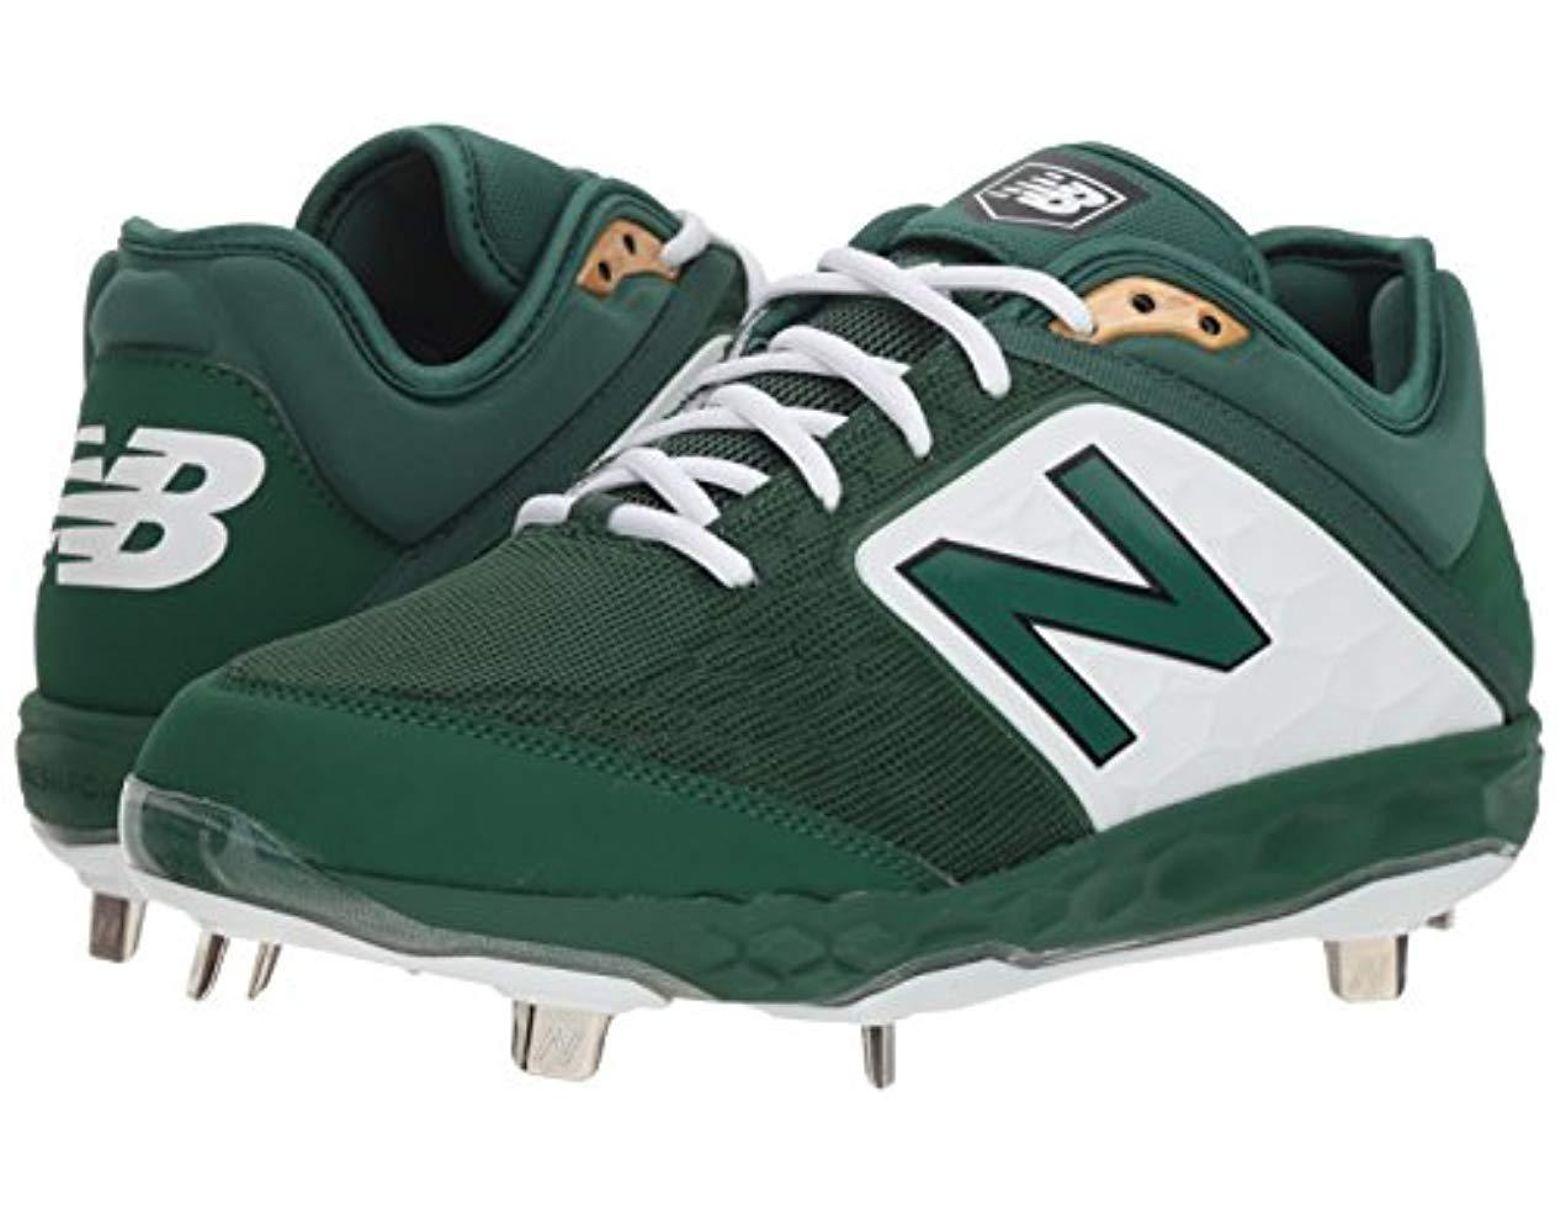 4e0248e0 Men's Green 3000v4 Metal Baseball Shoe